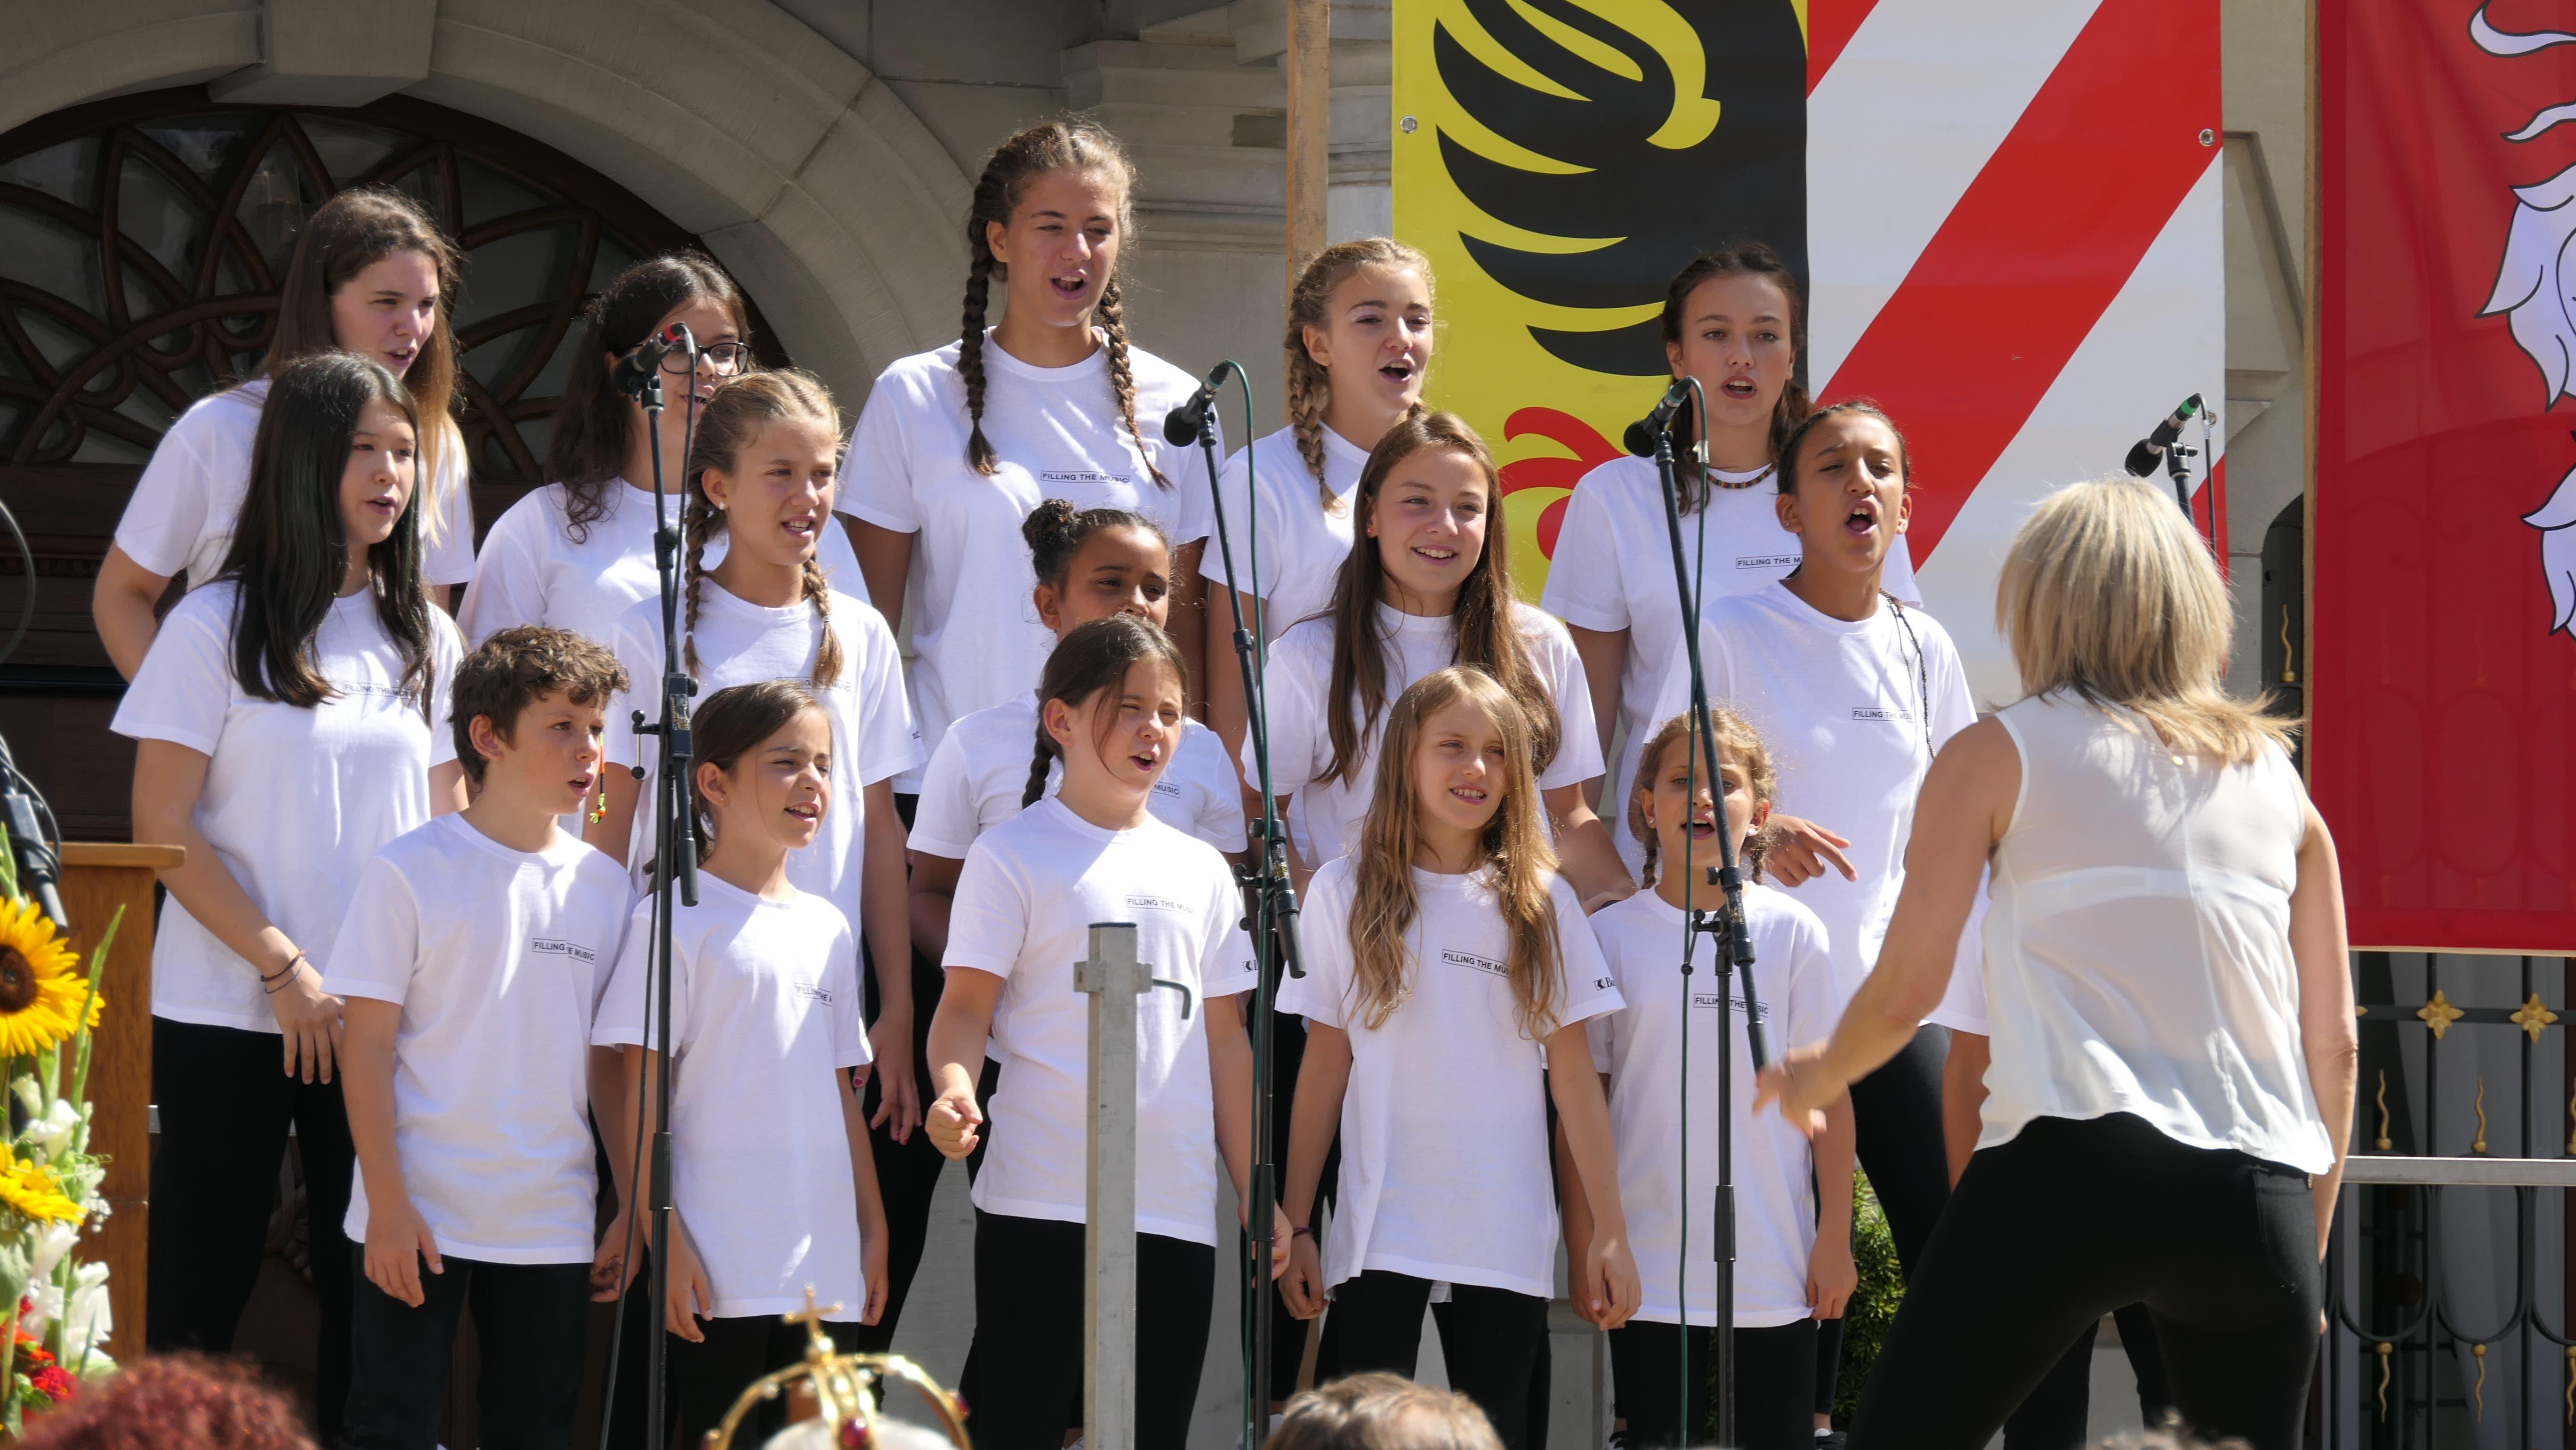 Die eigentlichen Stars an der Bundesfeier in Altdorf waren die Sängerinnen und Sänger des Kinderchors «Filling the Music» aus Bellinzona. (Bild: Carmen Epp, Altdorf, 1. August 2019)